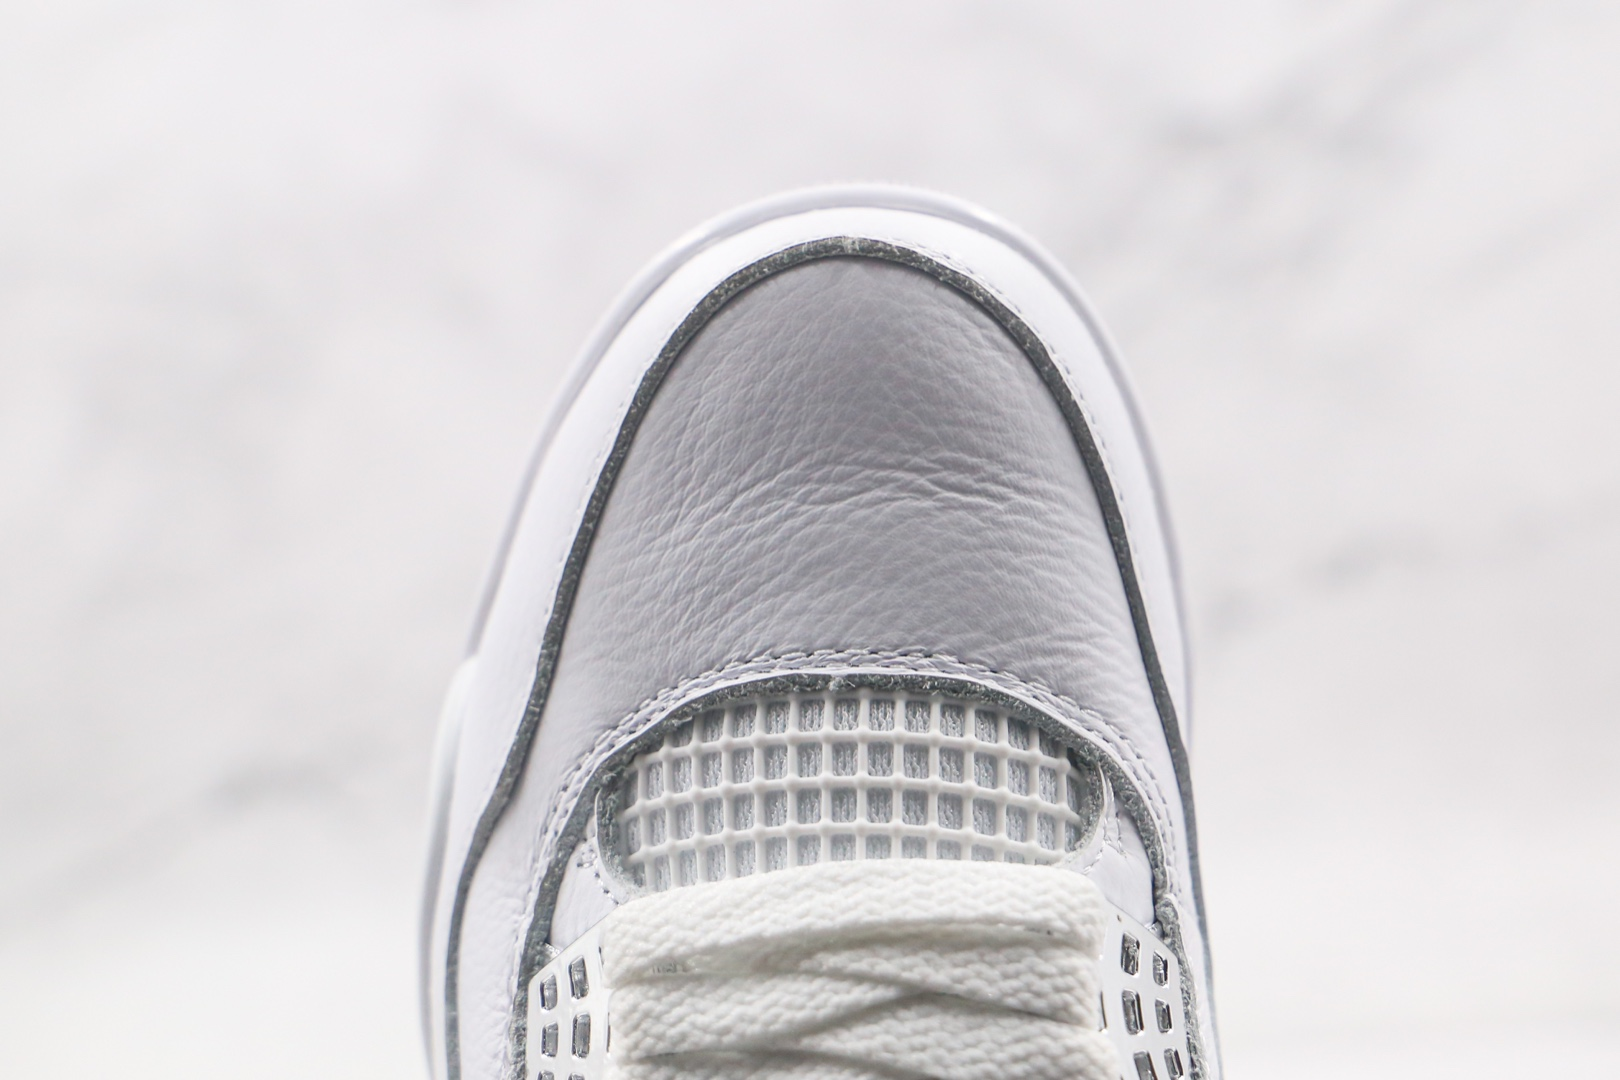 乔丹Air Jordan 4 SE纯原版本高帮AJ4纯白篮球鞋原楦头纸板打造原盒原标 货号:308497-100